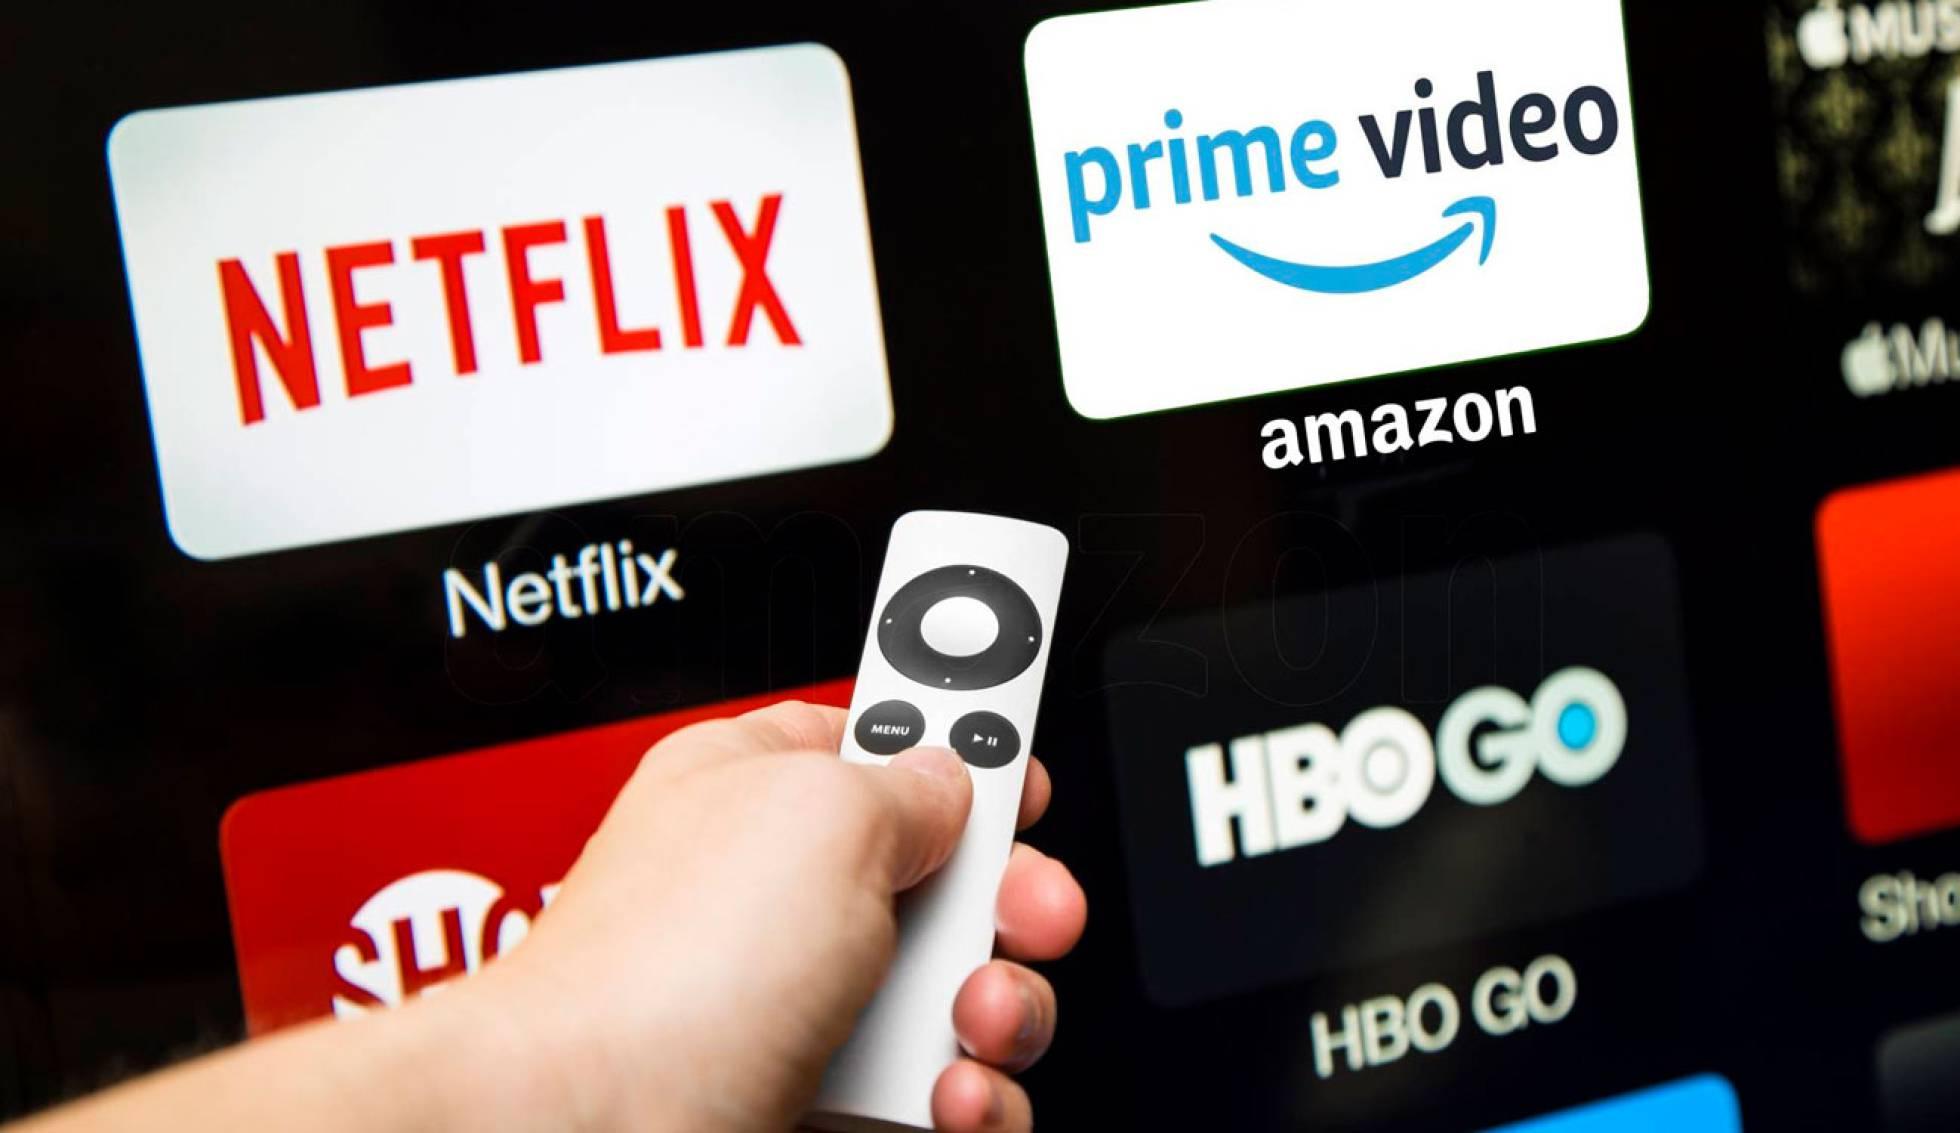 Existen muchos servicios de streaming ¿Cuál debo elegir?